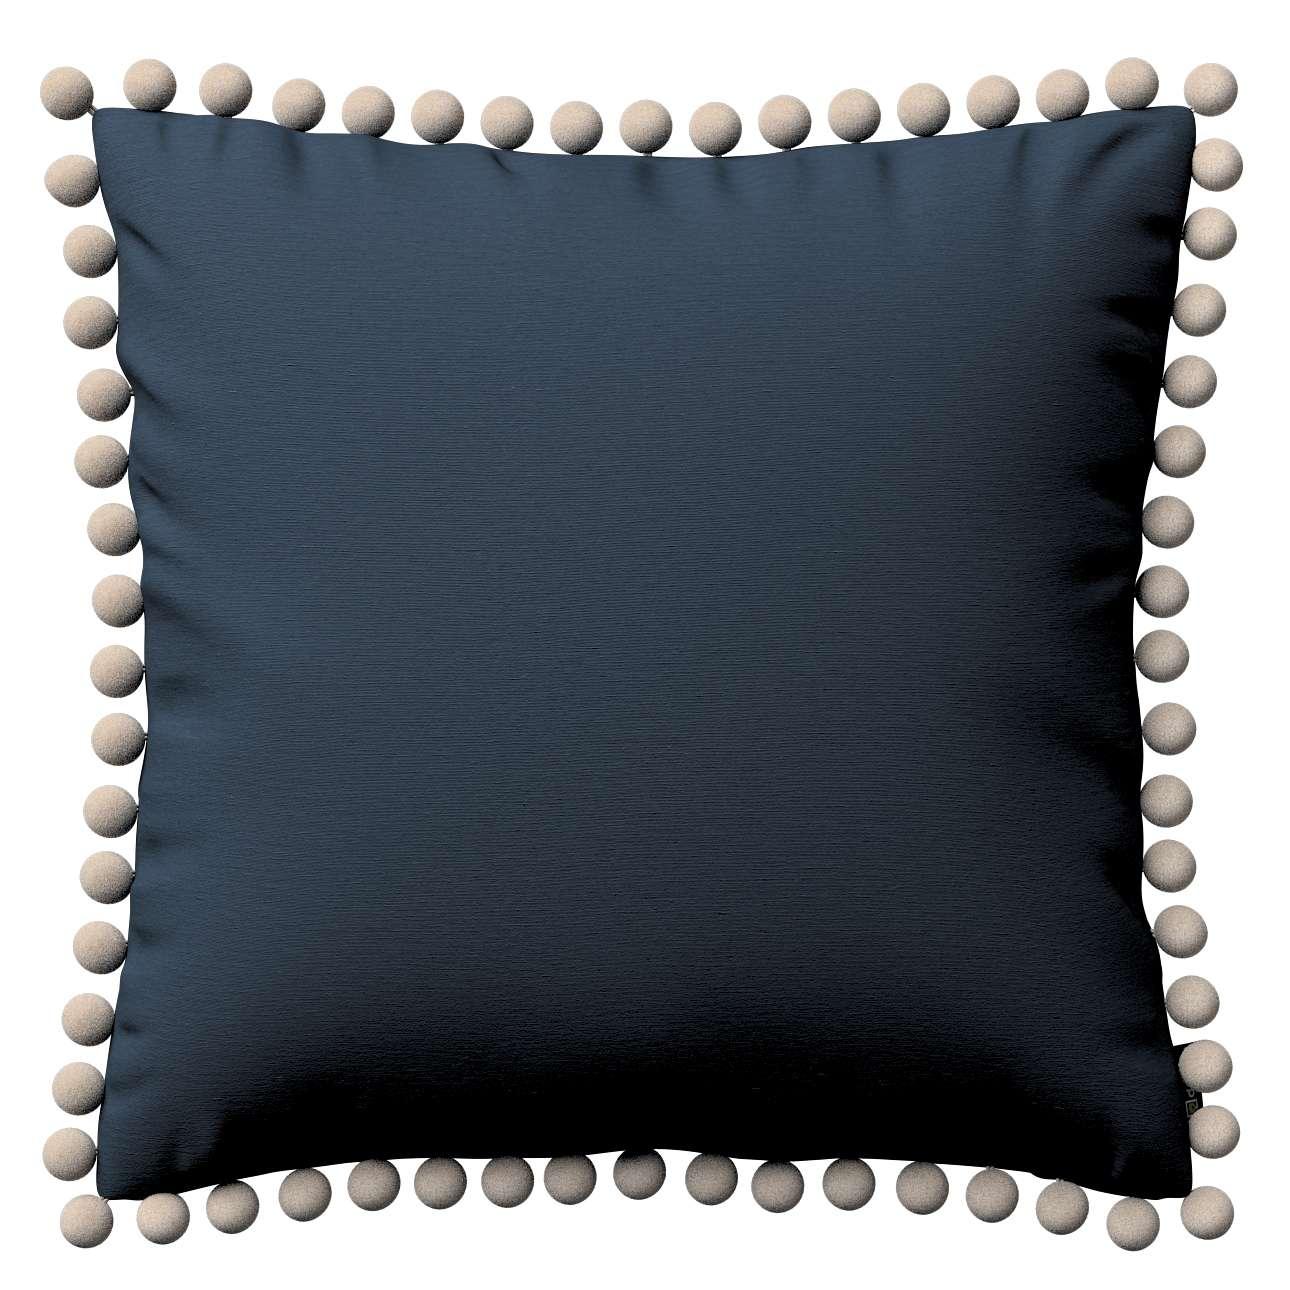 Wera dekoratyvinės pagalvėlės su žaismingais kraštais 45 x 45 cm kolekcijoje Quadro, audinys: 136-04